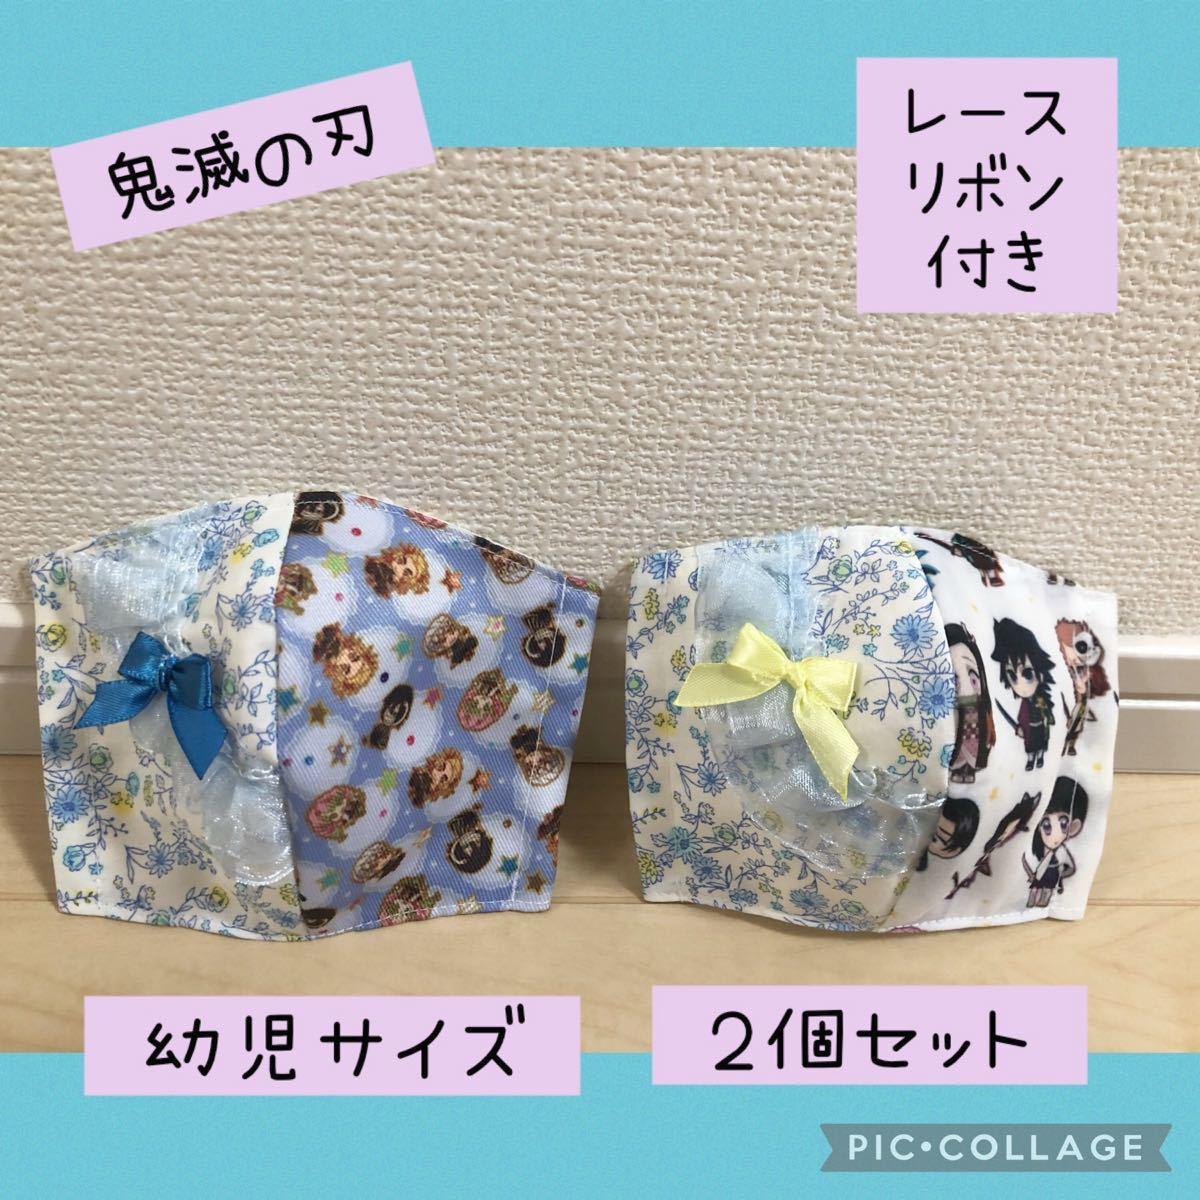 ハンドメイド ☆立体インナー 鬼滅の刃 花柄 レースリボン付き 2個セット 幼児サイズ☆